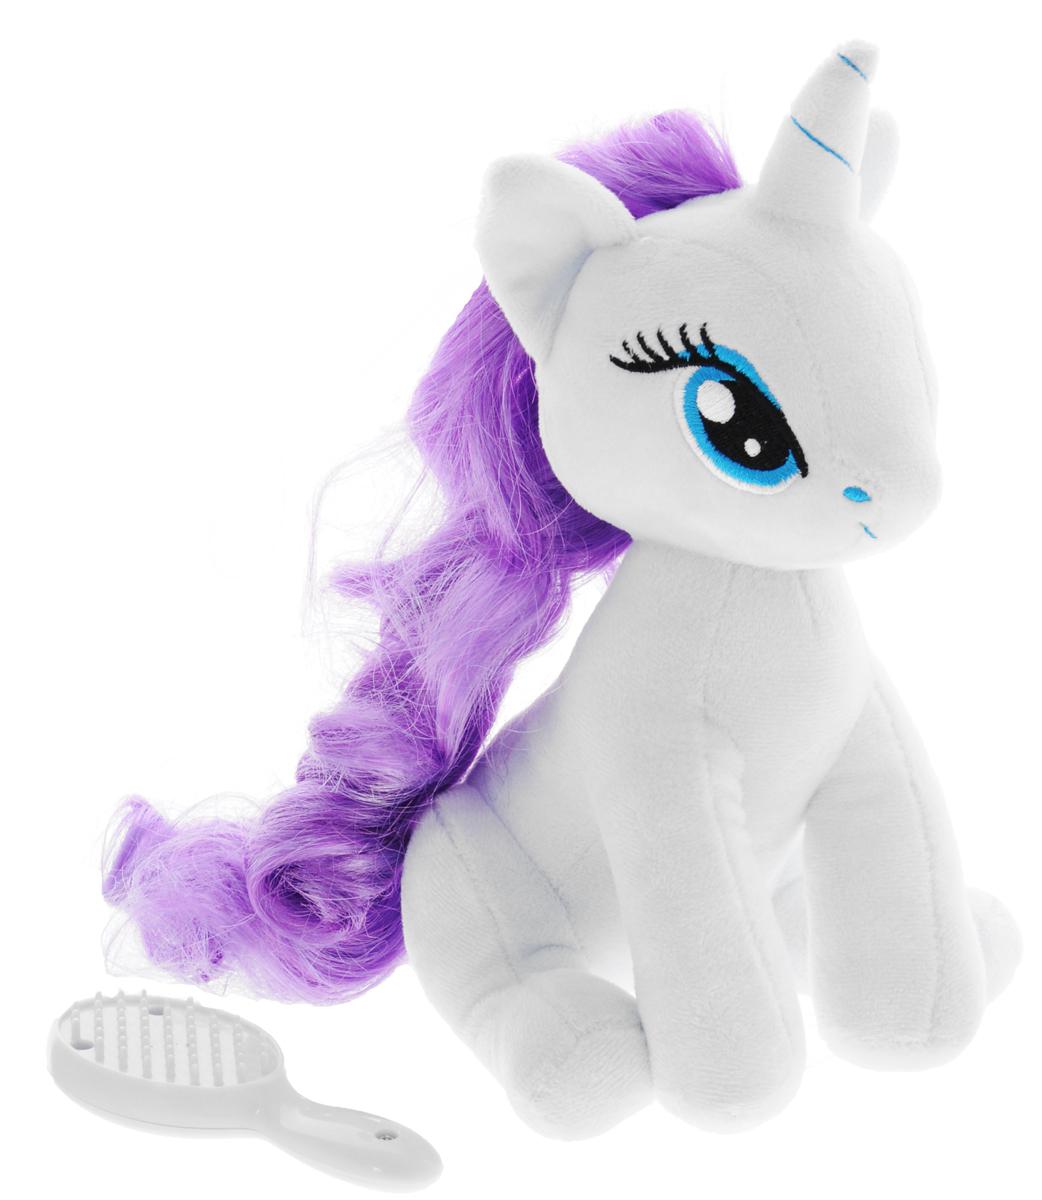 My Little Pony Мягкая игрушка Пони Rarity с волшебной расческой 20 см2098057_фиолетовыйМягкая игрушка My Little Pony Пони Rarity с волшебной расческой, выполненная в виде пони Рарити с фиолетовой гривой, порадует вашу малышку и доставит ей много удовольствия от часов, посвященных игре с ней. Игрушка изготовлена из гипаллерегенной ткани, очень приятной на ощупь. У пони роскошная грива, которую можно расчесывать. Для этого в наборе имеется расческа. Как только вы начнете ее причесывать - она засветятся от счастья! Играя с пони, ребенок развивает мелкую моторику, свое воображение и фантазию, усидчивость. Порадуйте свою малышку таким подарком.